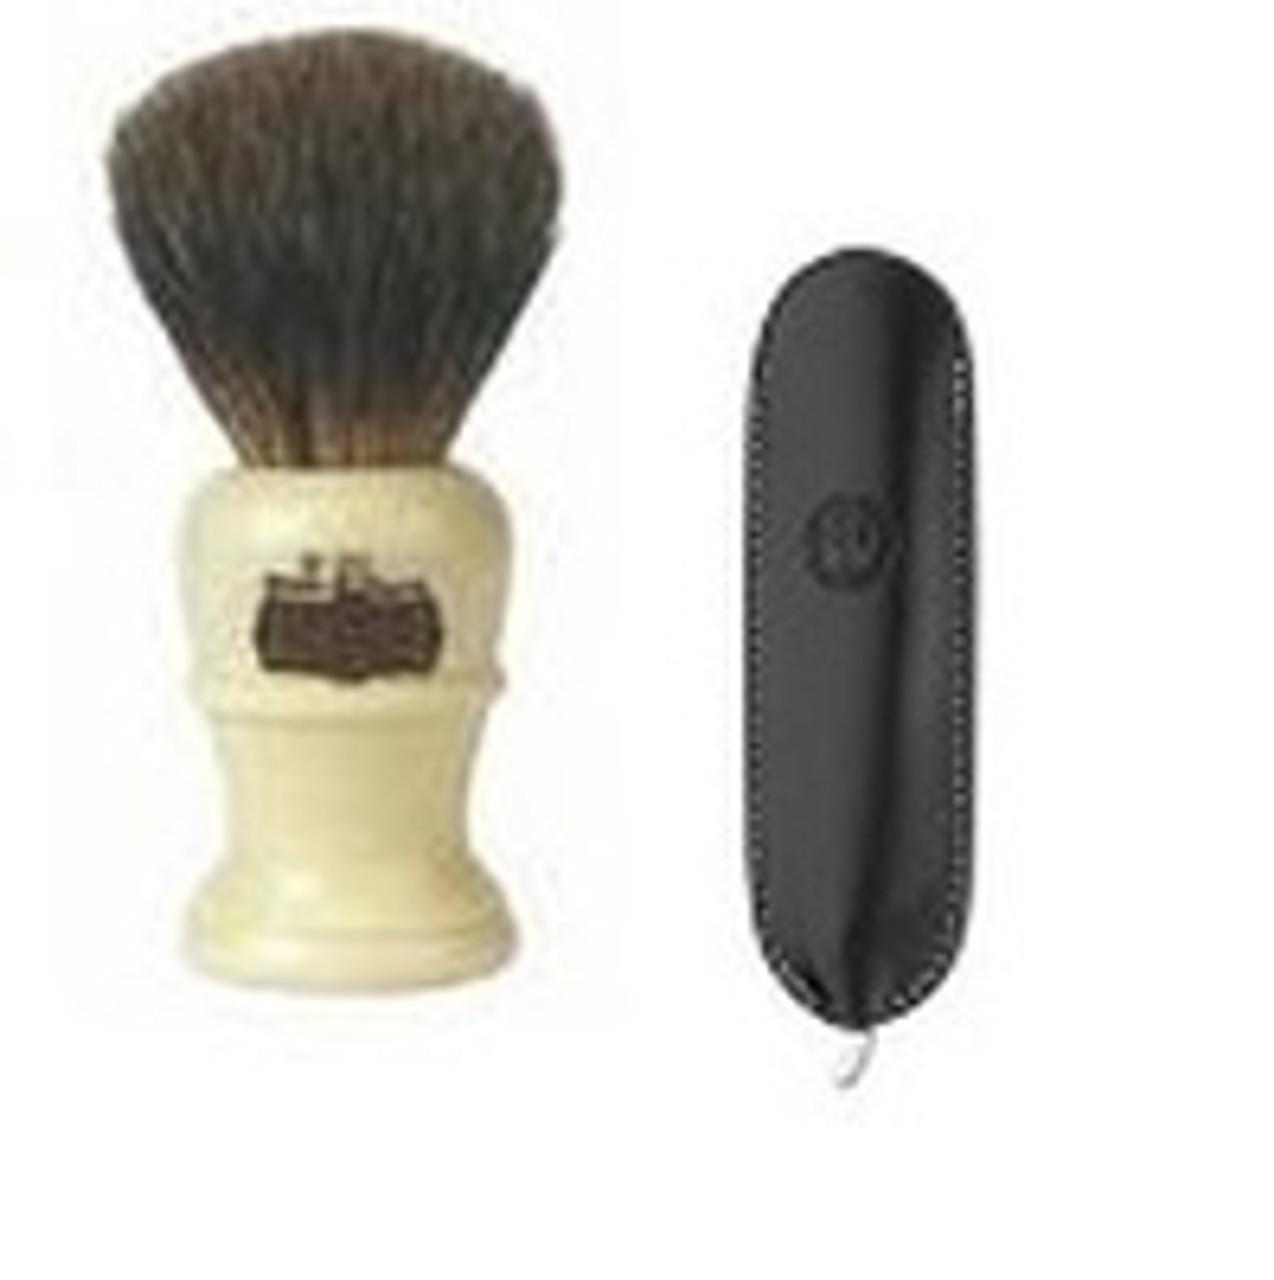 Men's Grooming & Razors